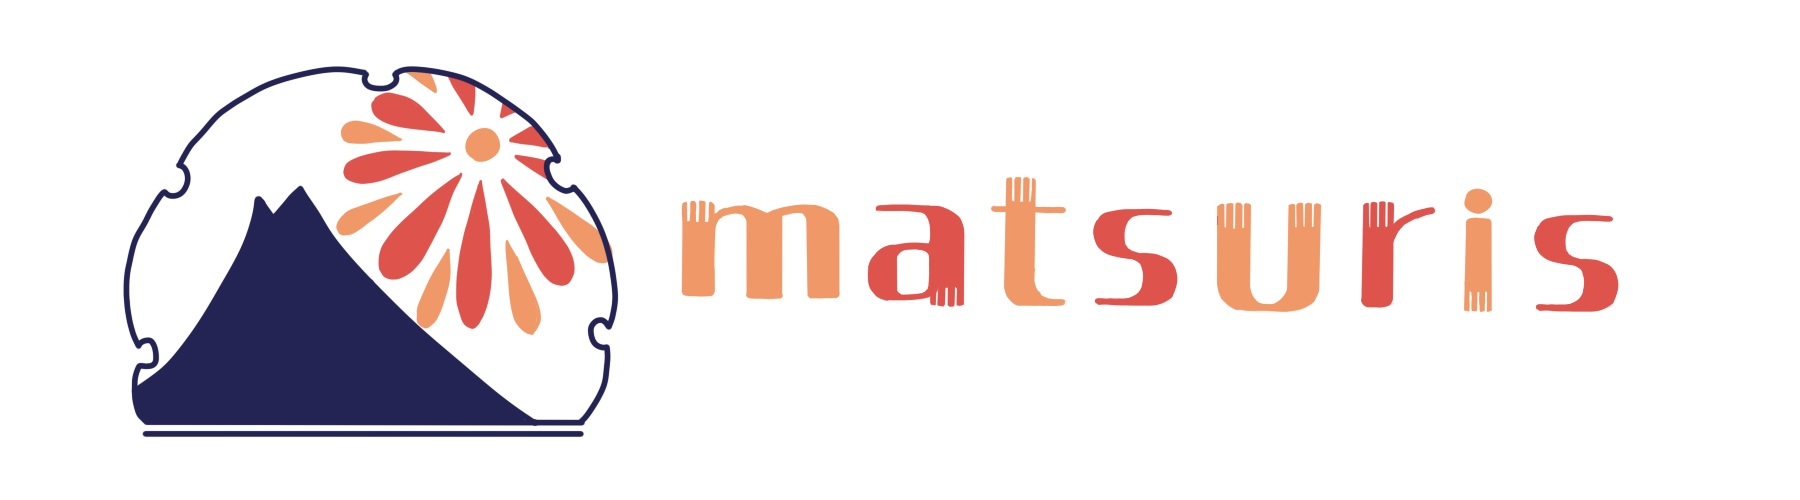 matsuris【まつりす】|趣深い場所やお祭りは好きですか?